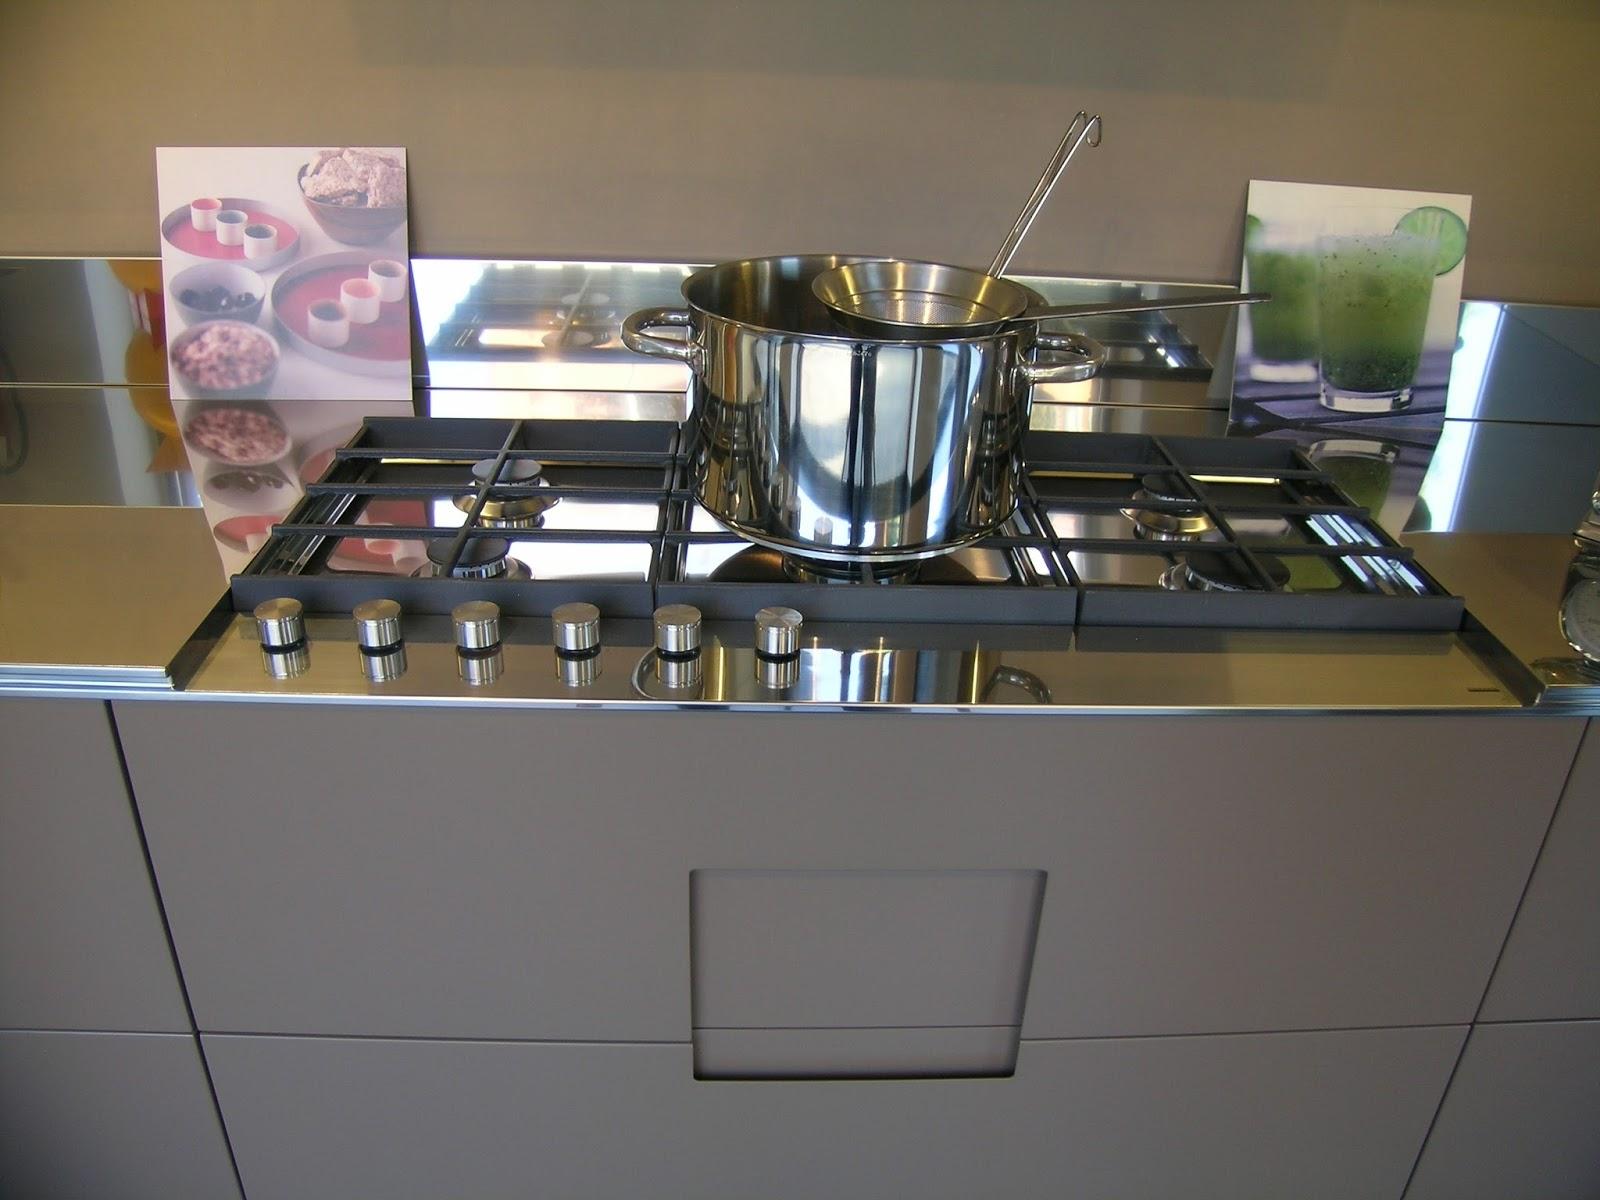 cucine e arredamenti mauri interni: cucina ernestomeda carrè